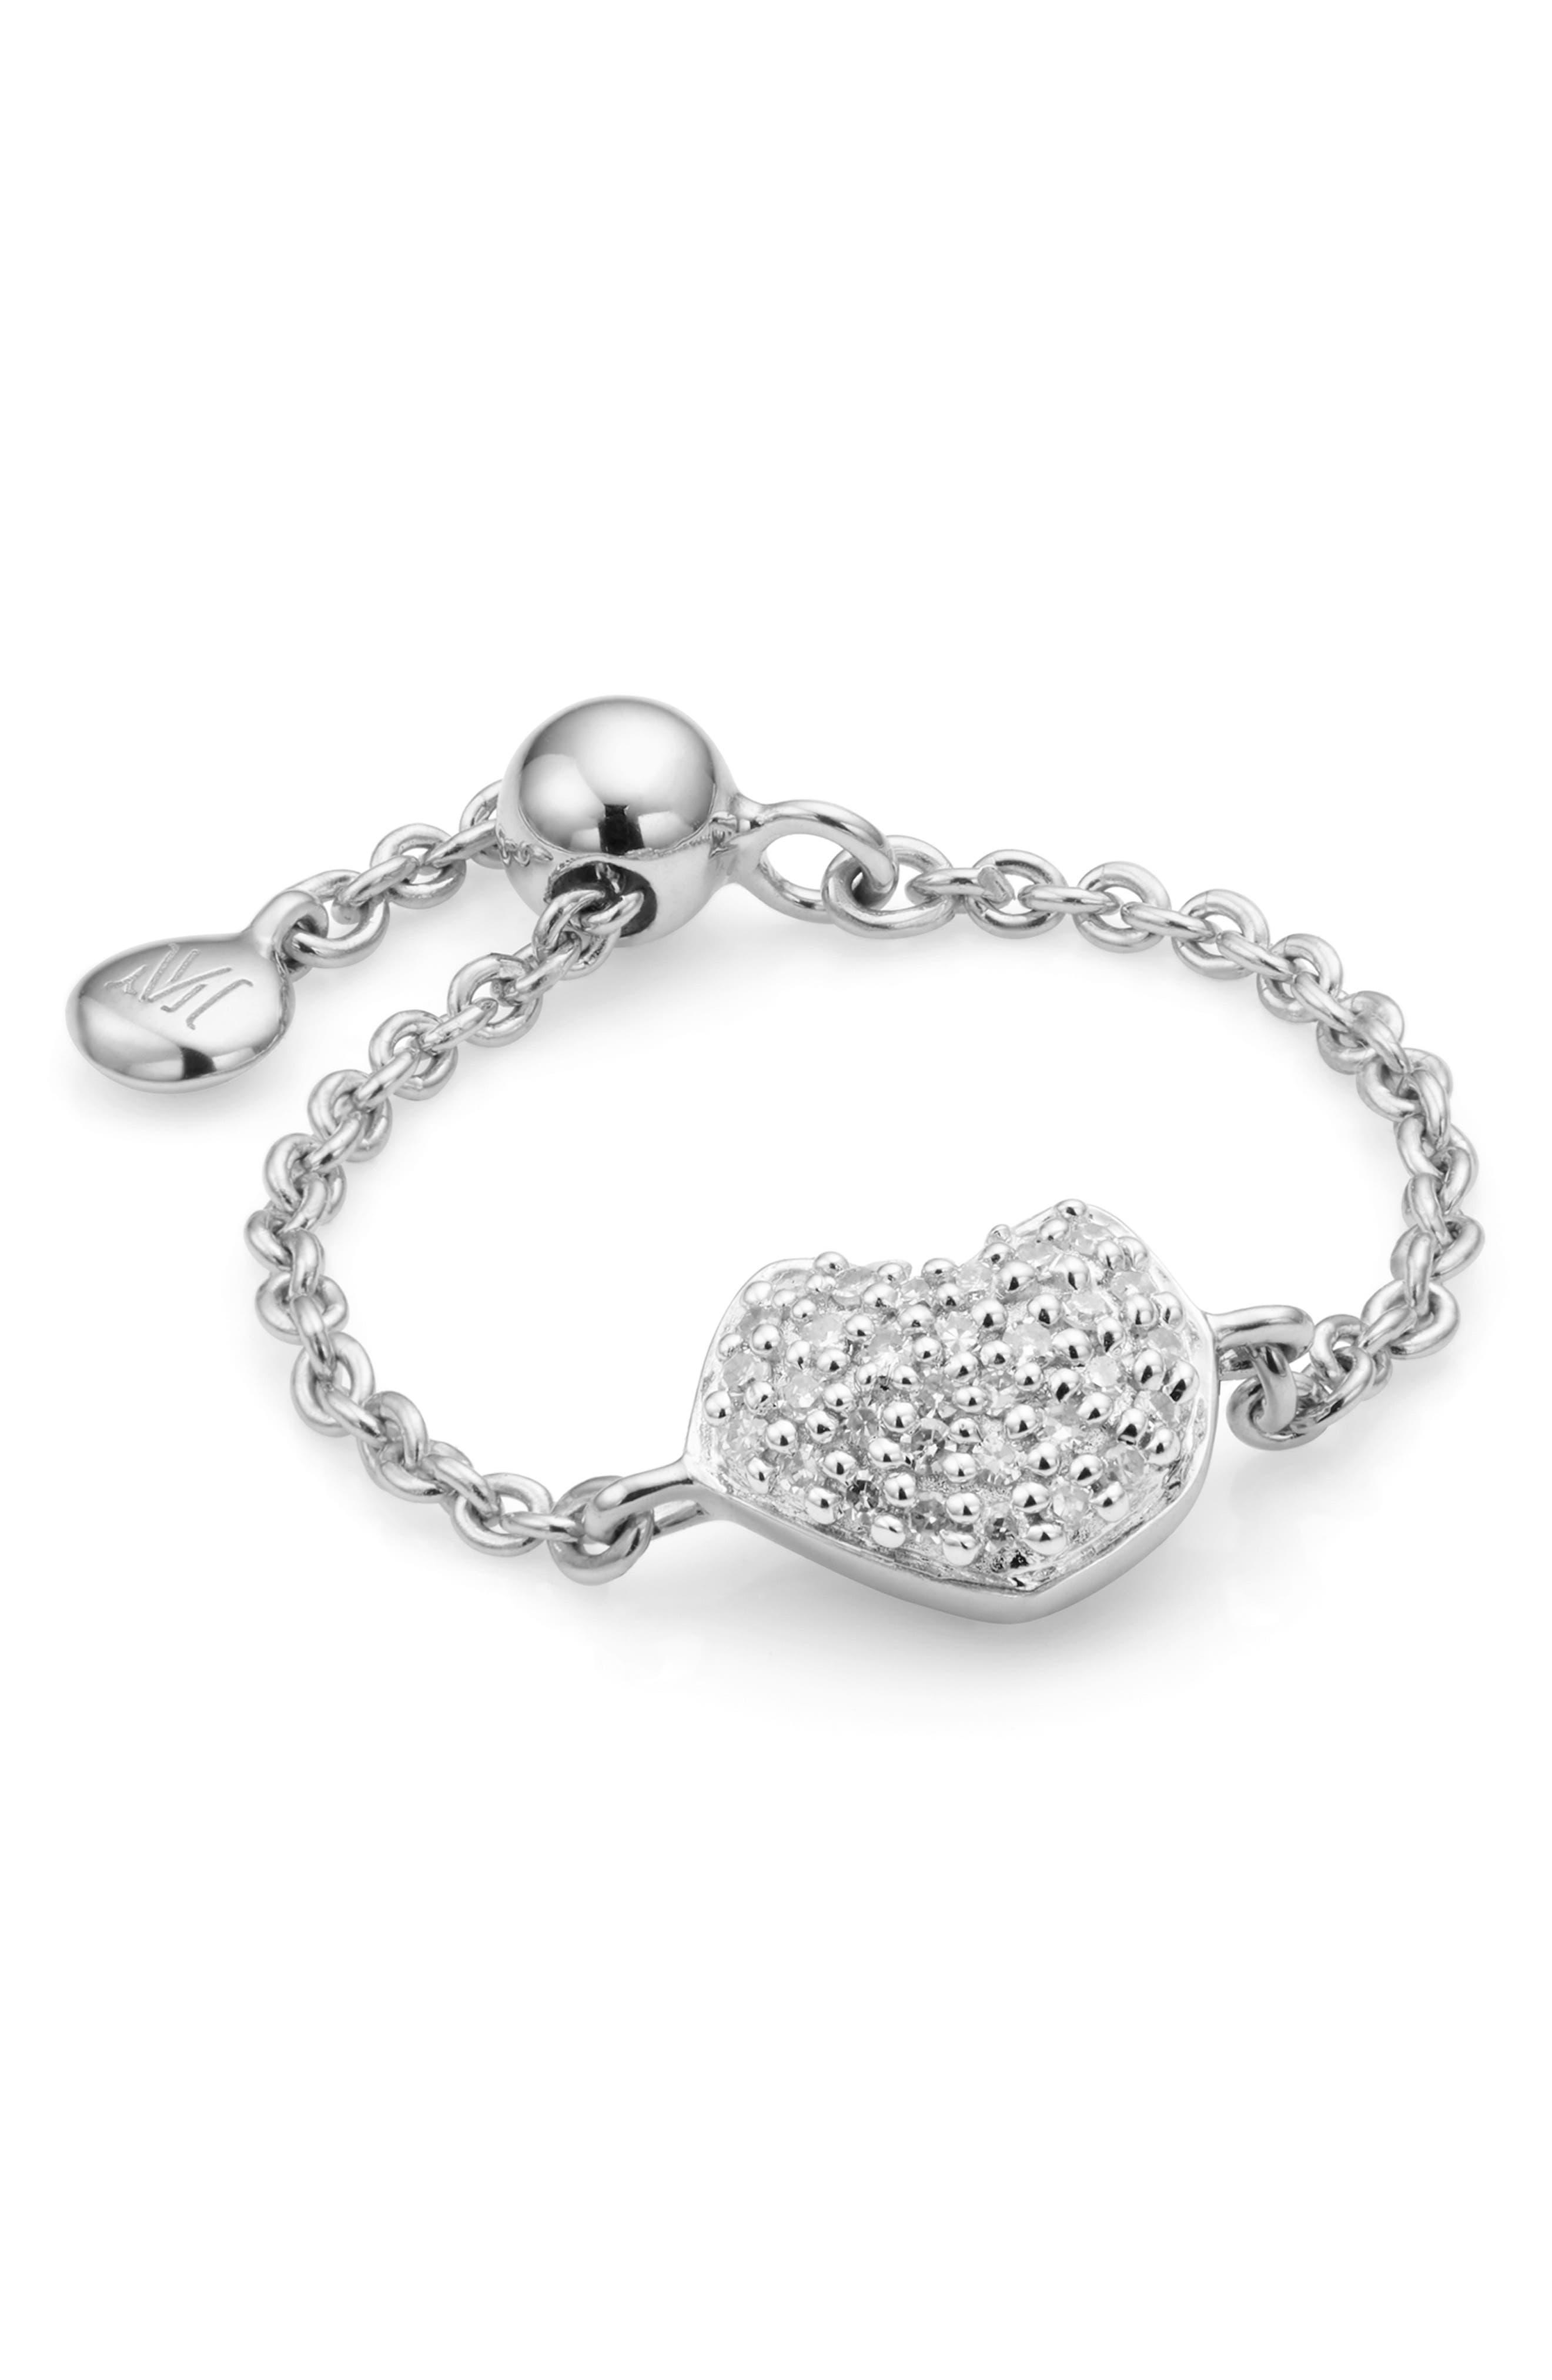 Nura Mini Heart Friendship Chain Ring,                         Main,                         color, SILVER/ DIAMOND